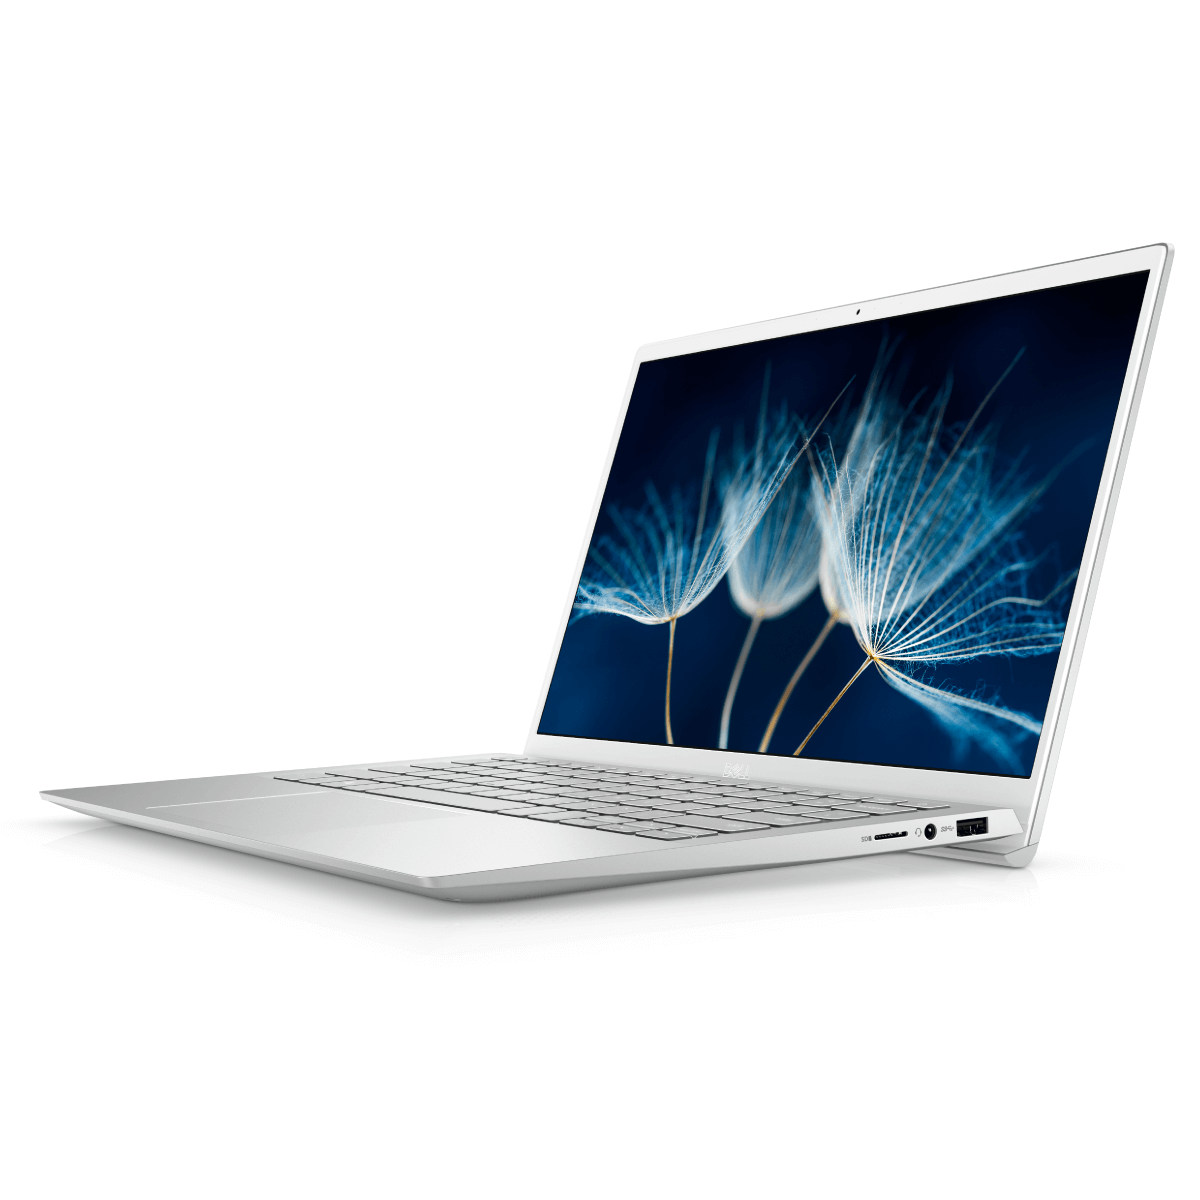 Dell Inspiron 5300 (i5, Platinum Silver)